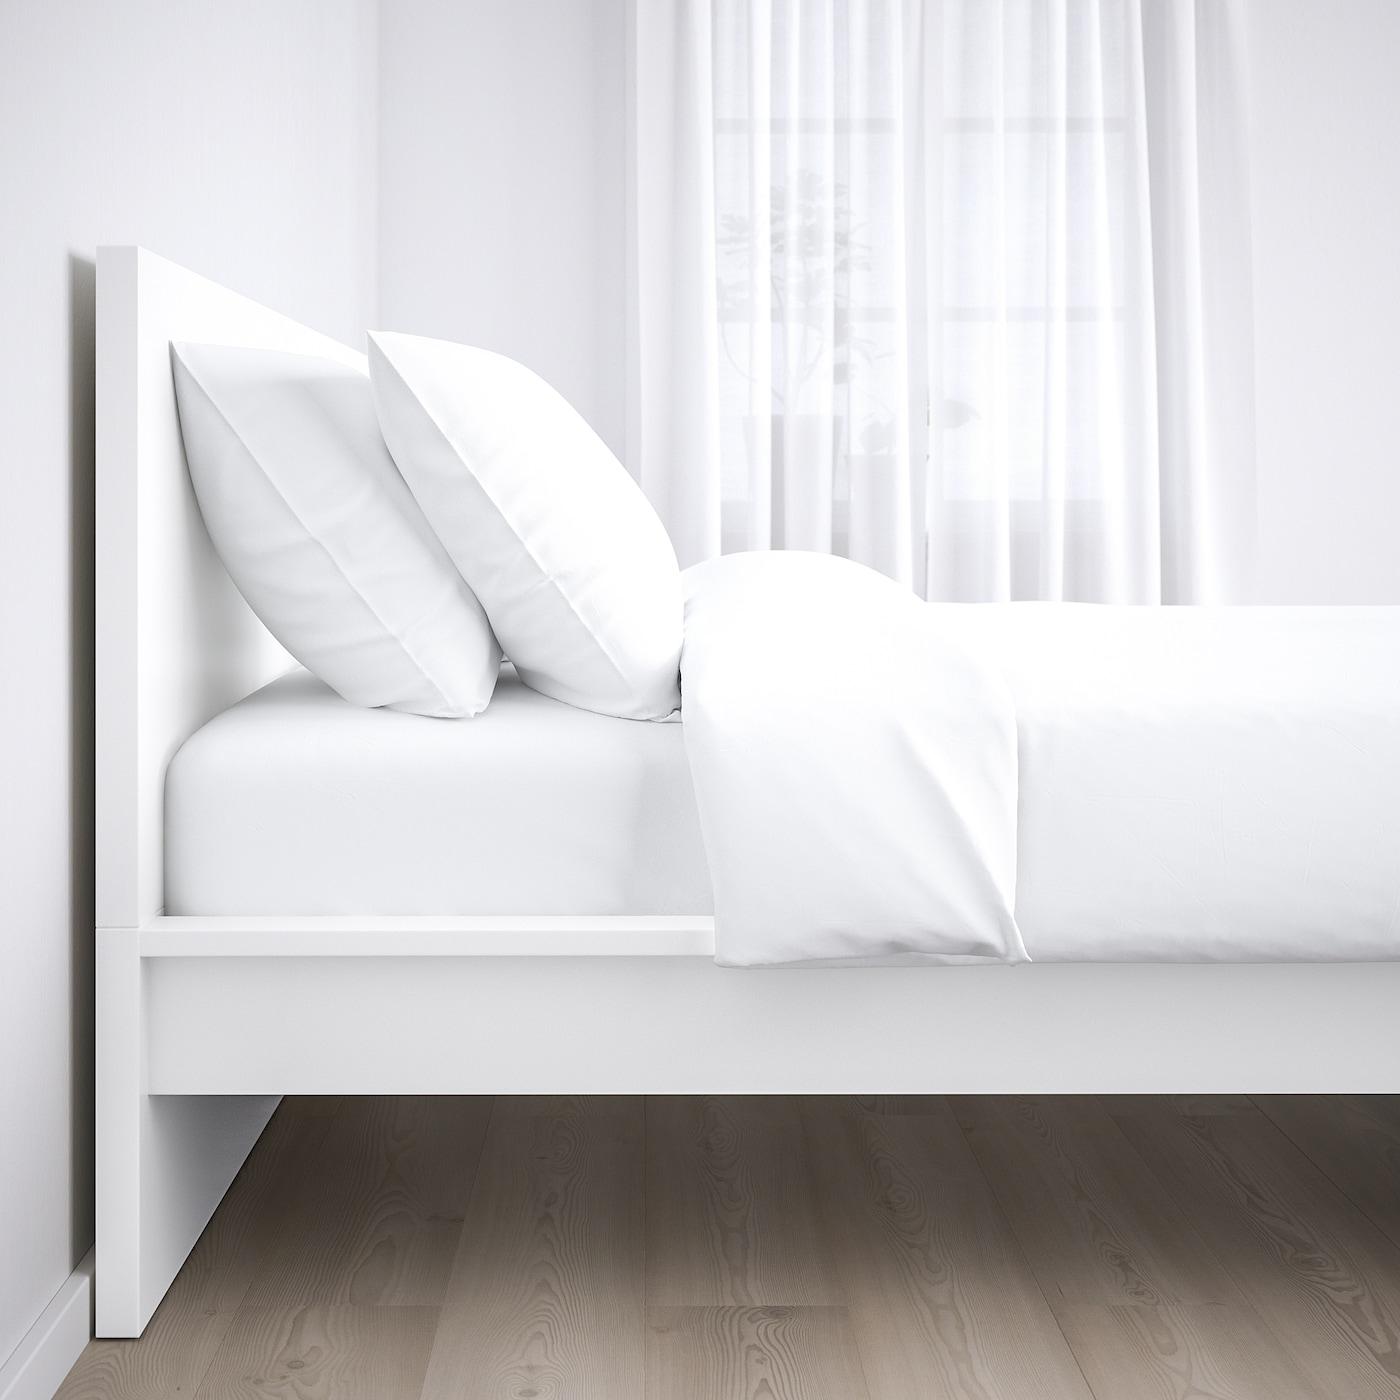 Full Size of Betten Bei Ikea Malm Bettgestell 160cm Breite Fr Kleinere Schlafzimmer Ohne Kopfteil 180x200 Kaufen 140x200 160x200 Coole Küche Weiß Außergewöhnliche Bett Betten Bei Ikea